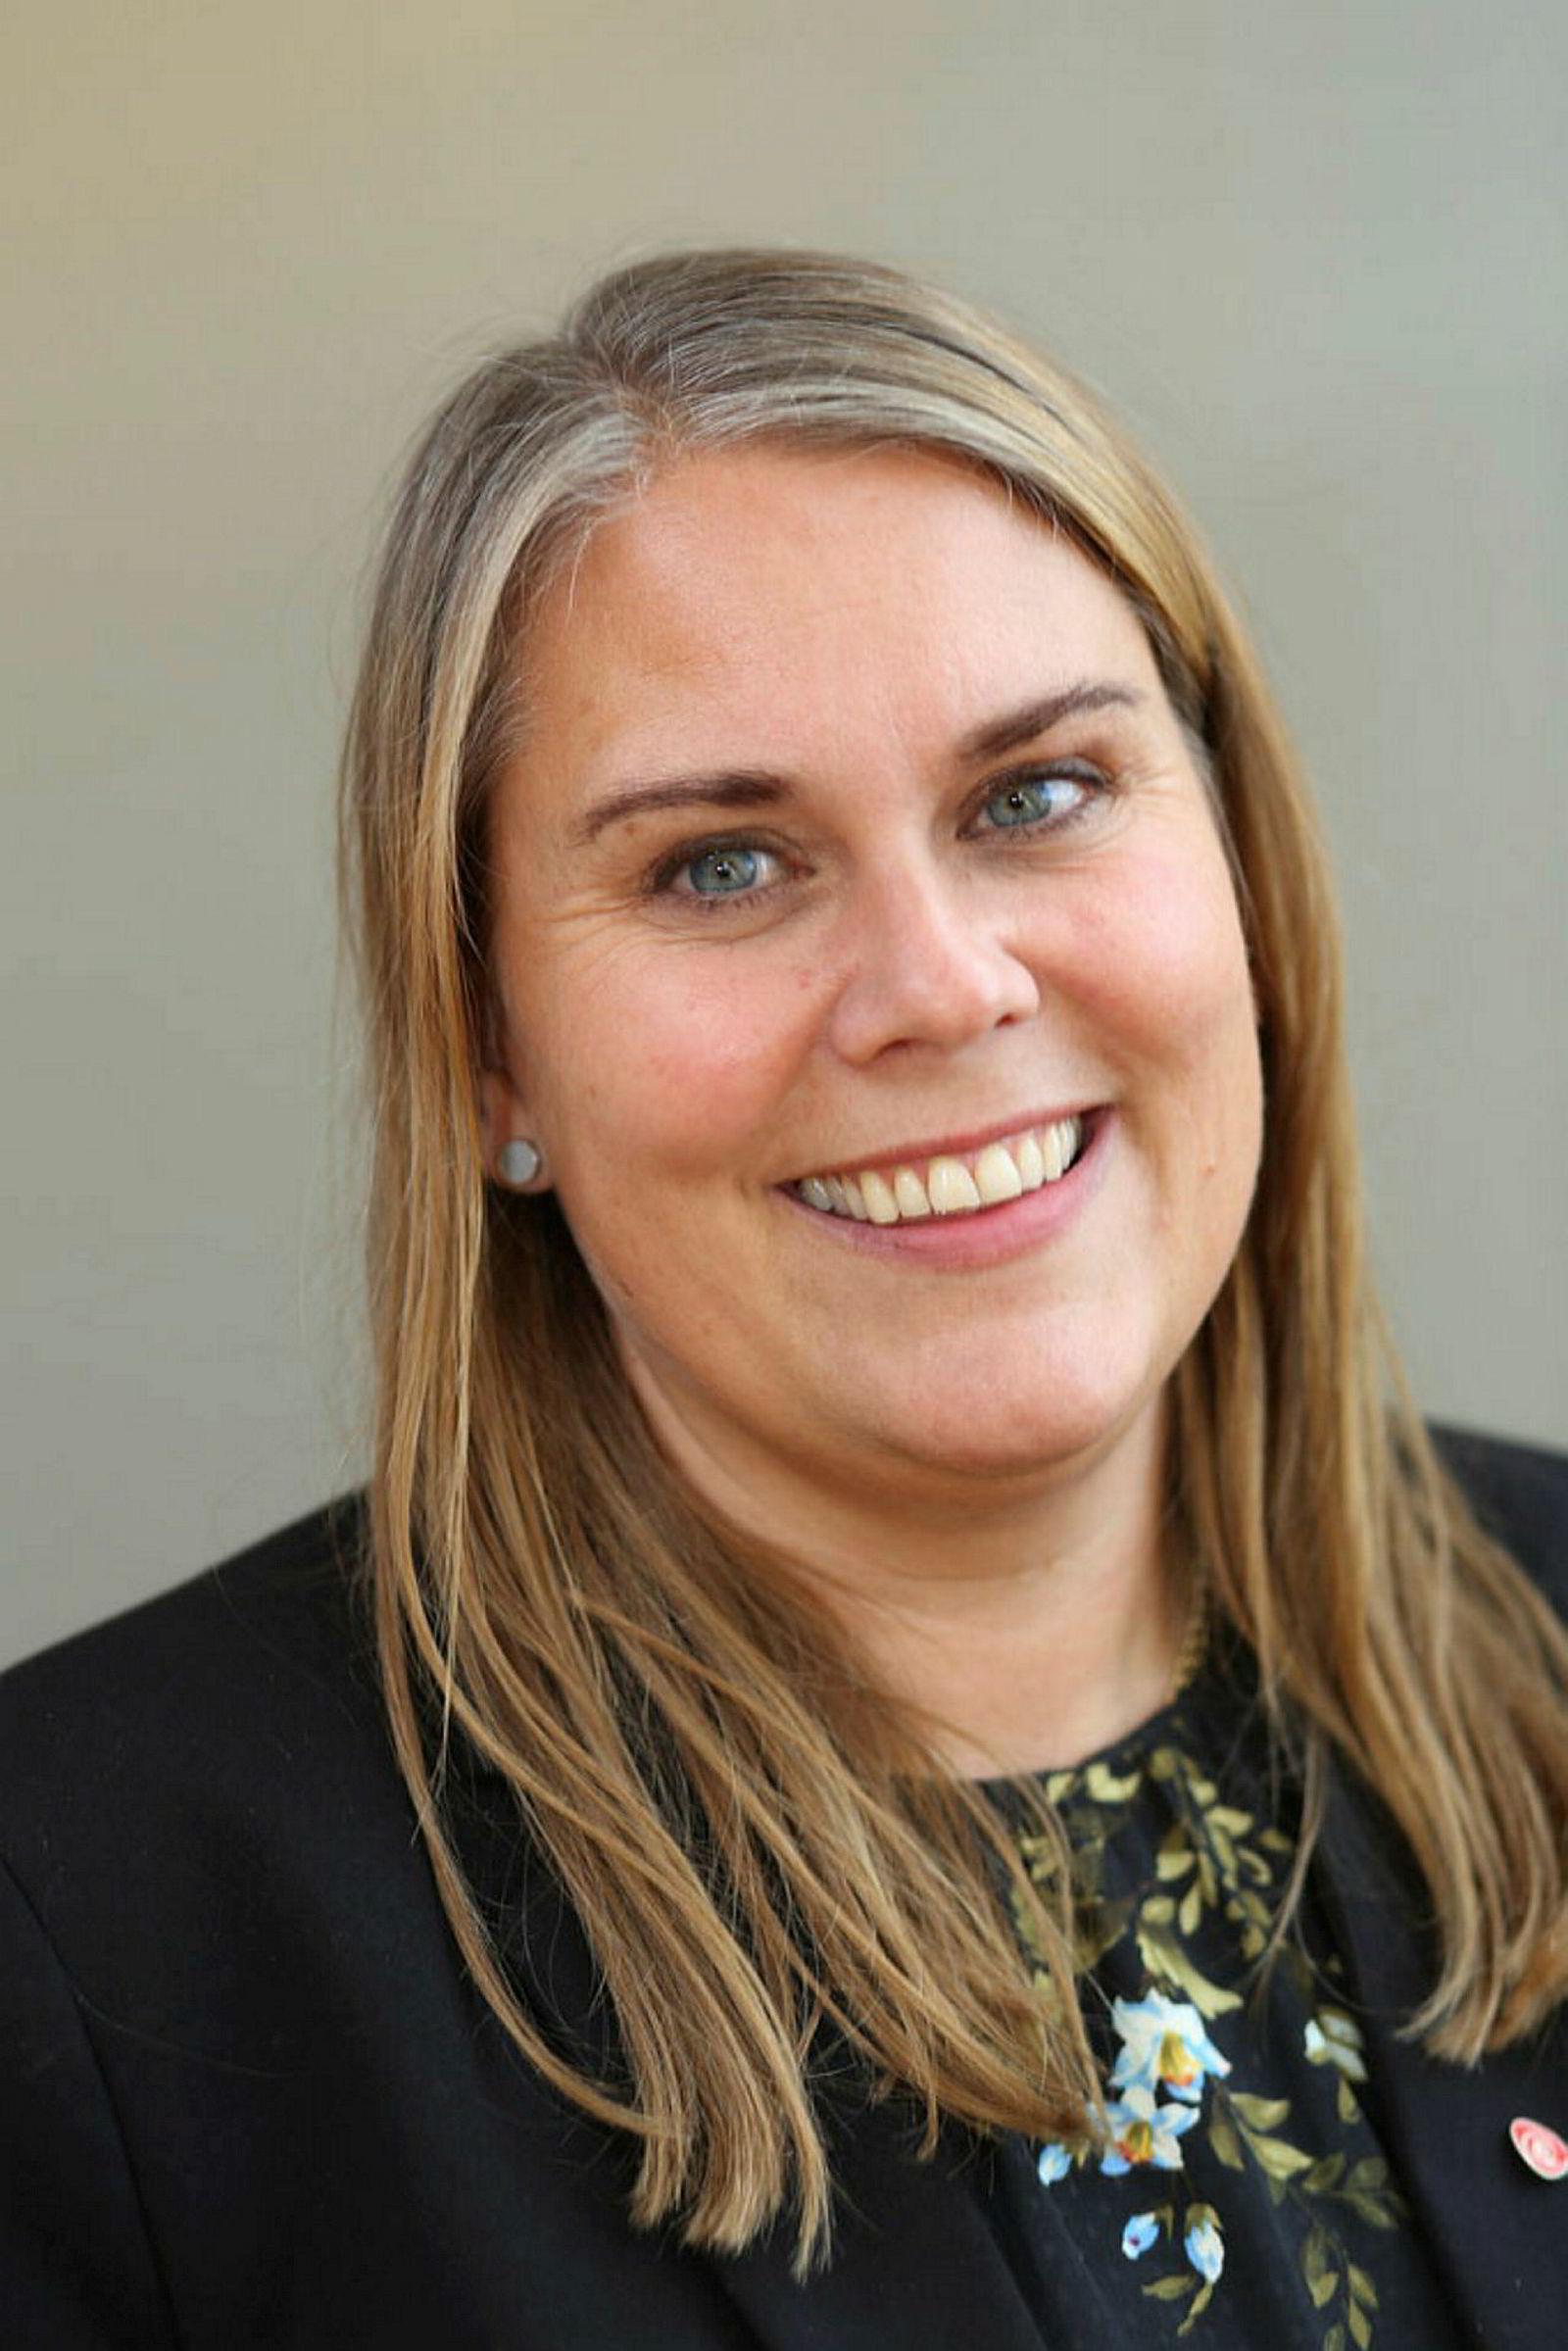 Stortingsrepresentant og boligpolitisk talsperson Siri Gåsemyr Staalesen i Arbeiderpartiet.